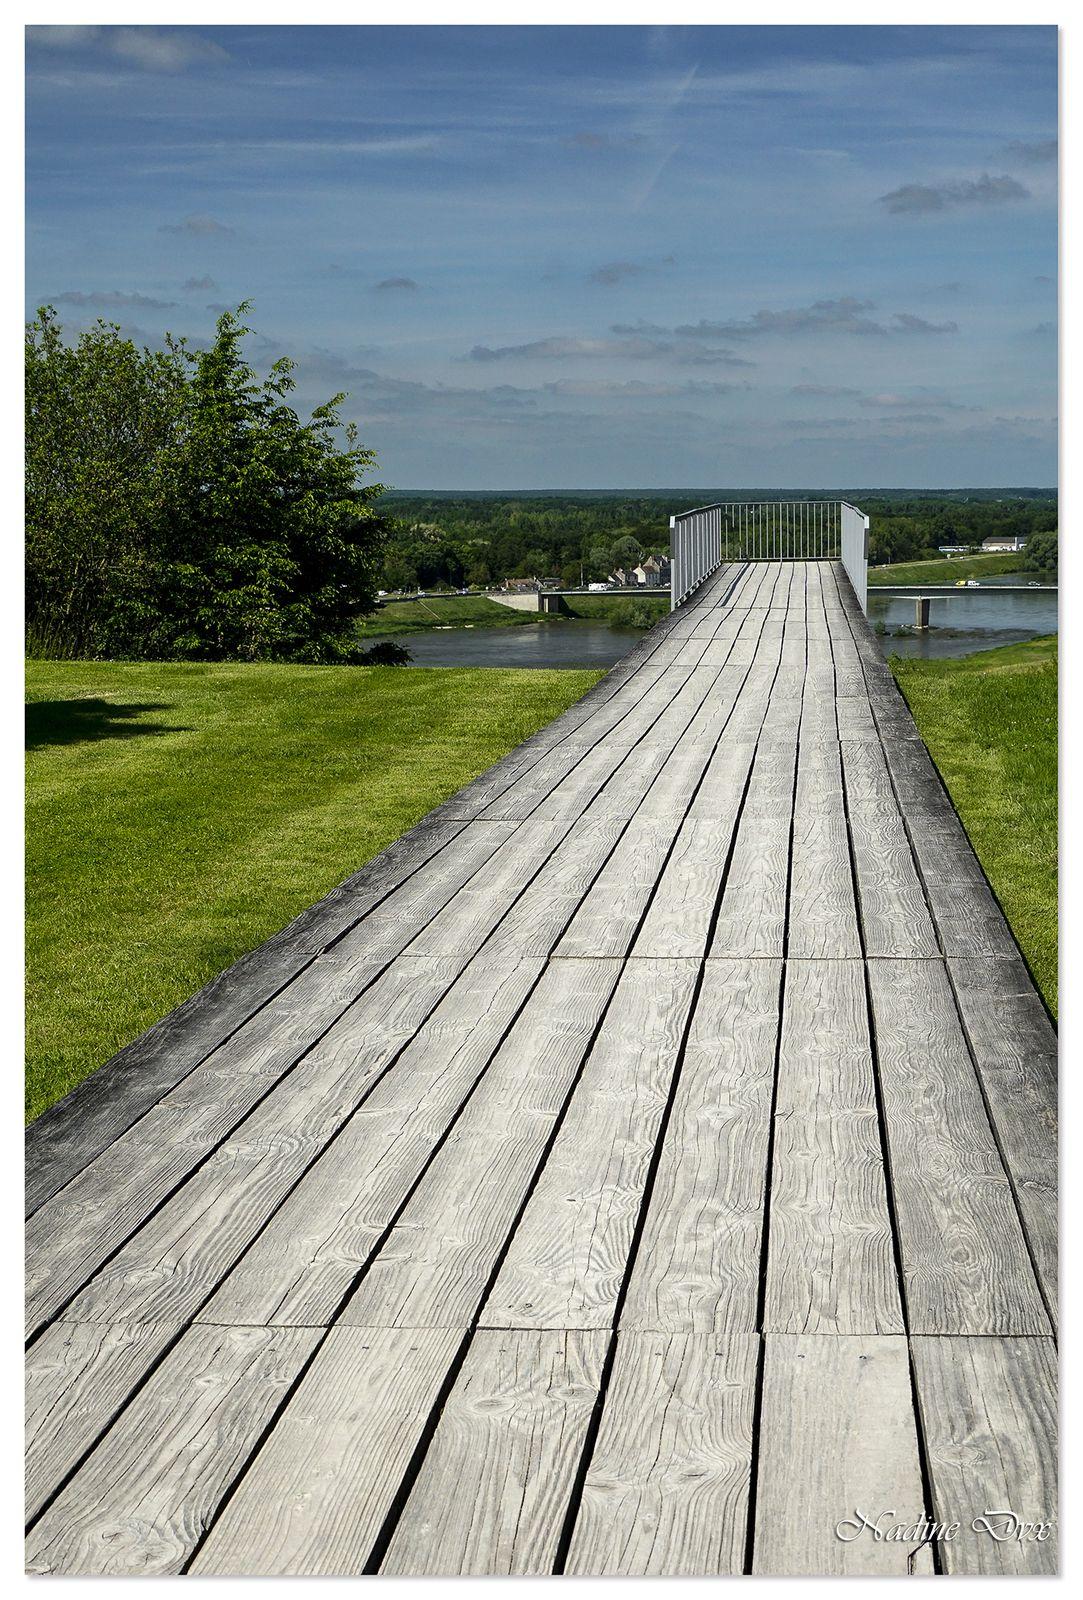 Passerelle de bois suspendue face à la Loire - Domaine de Chaumont-sur-Loire.